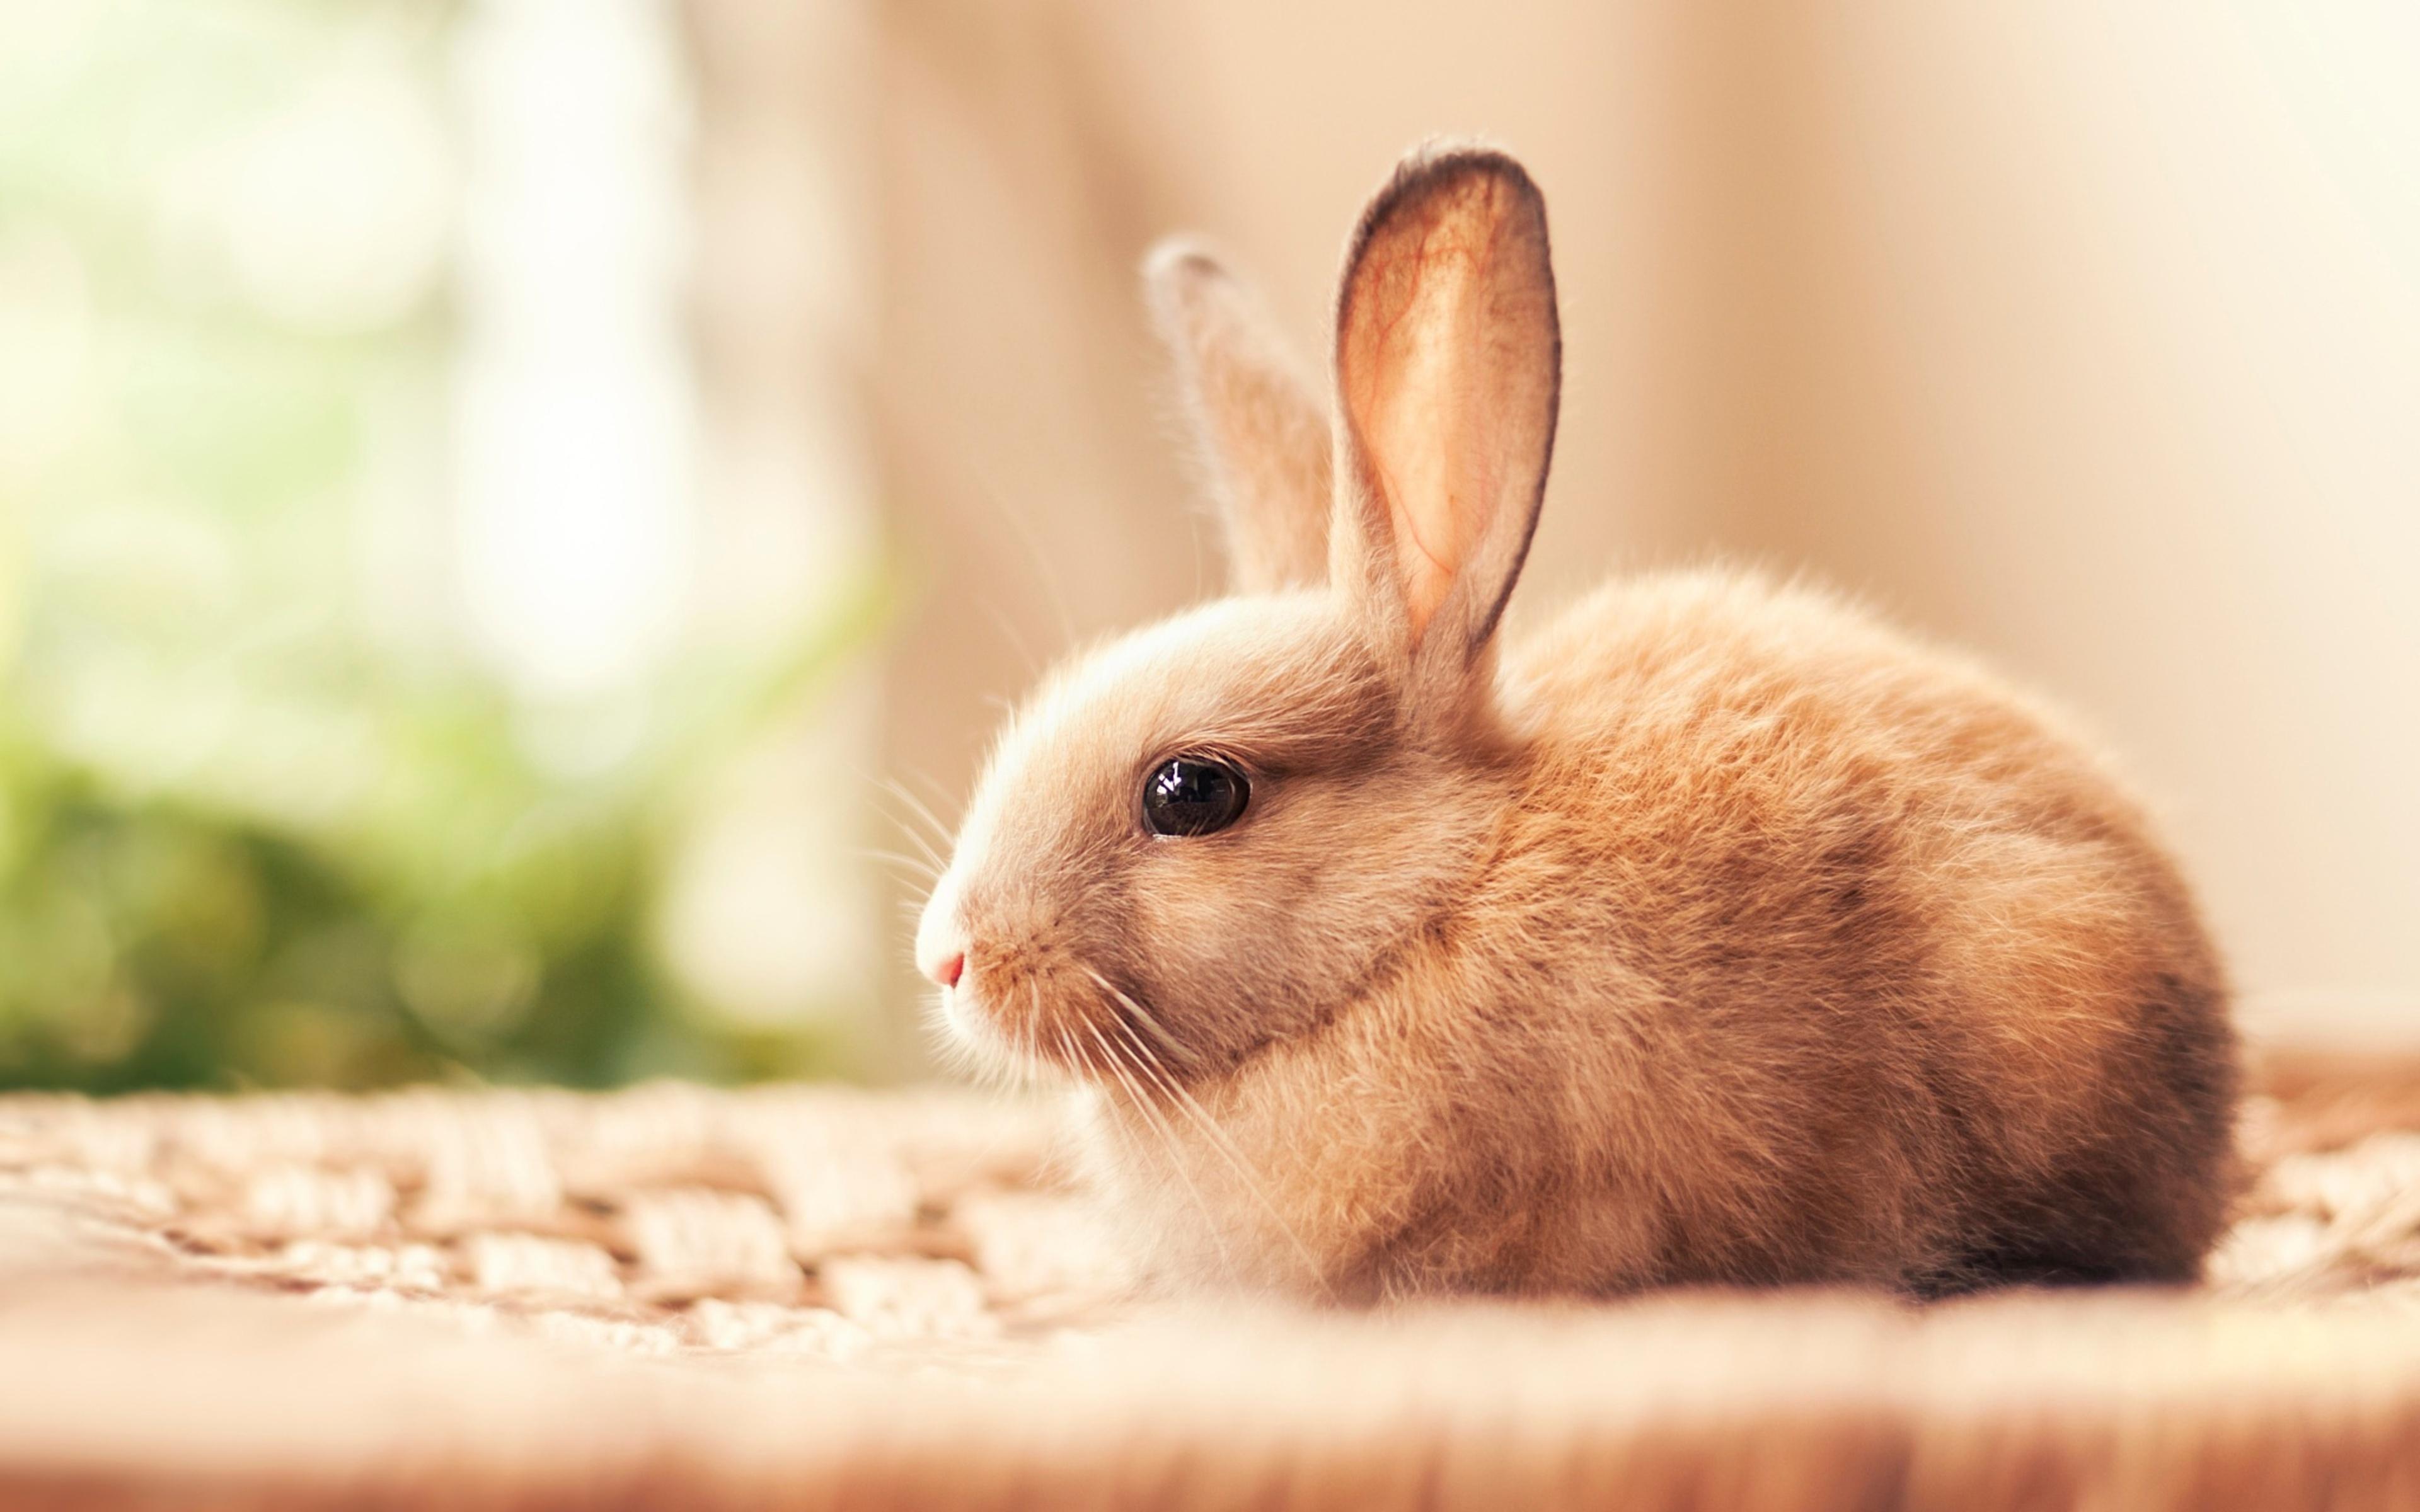 испуганный кролик  № 367638 загрузить